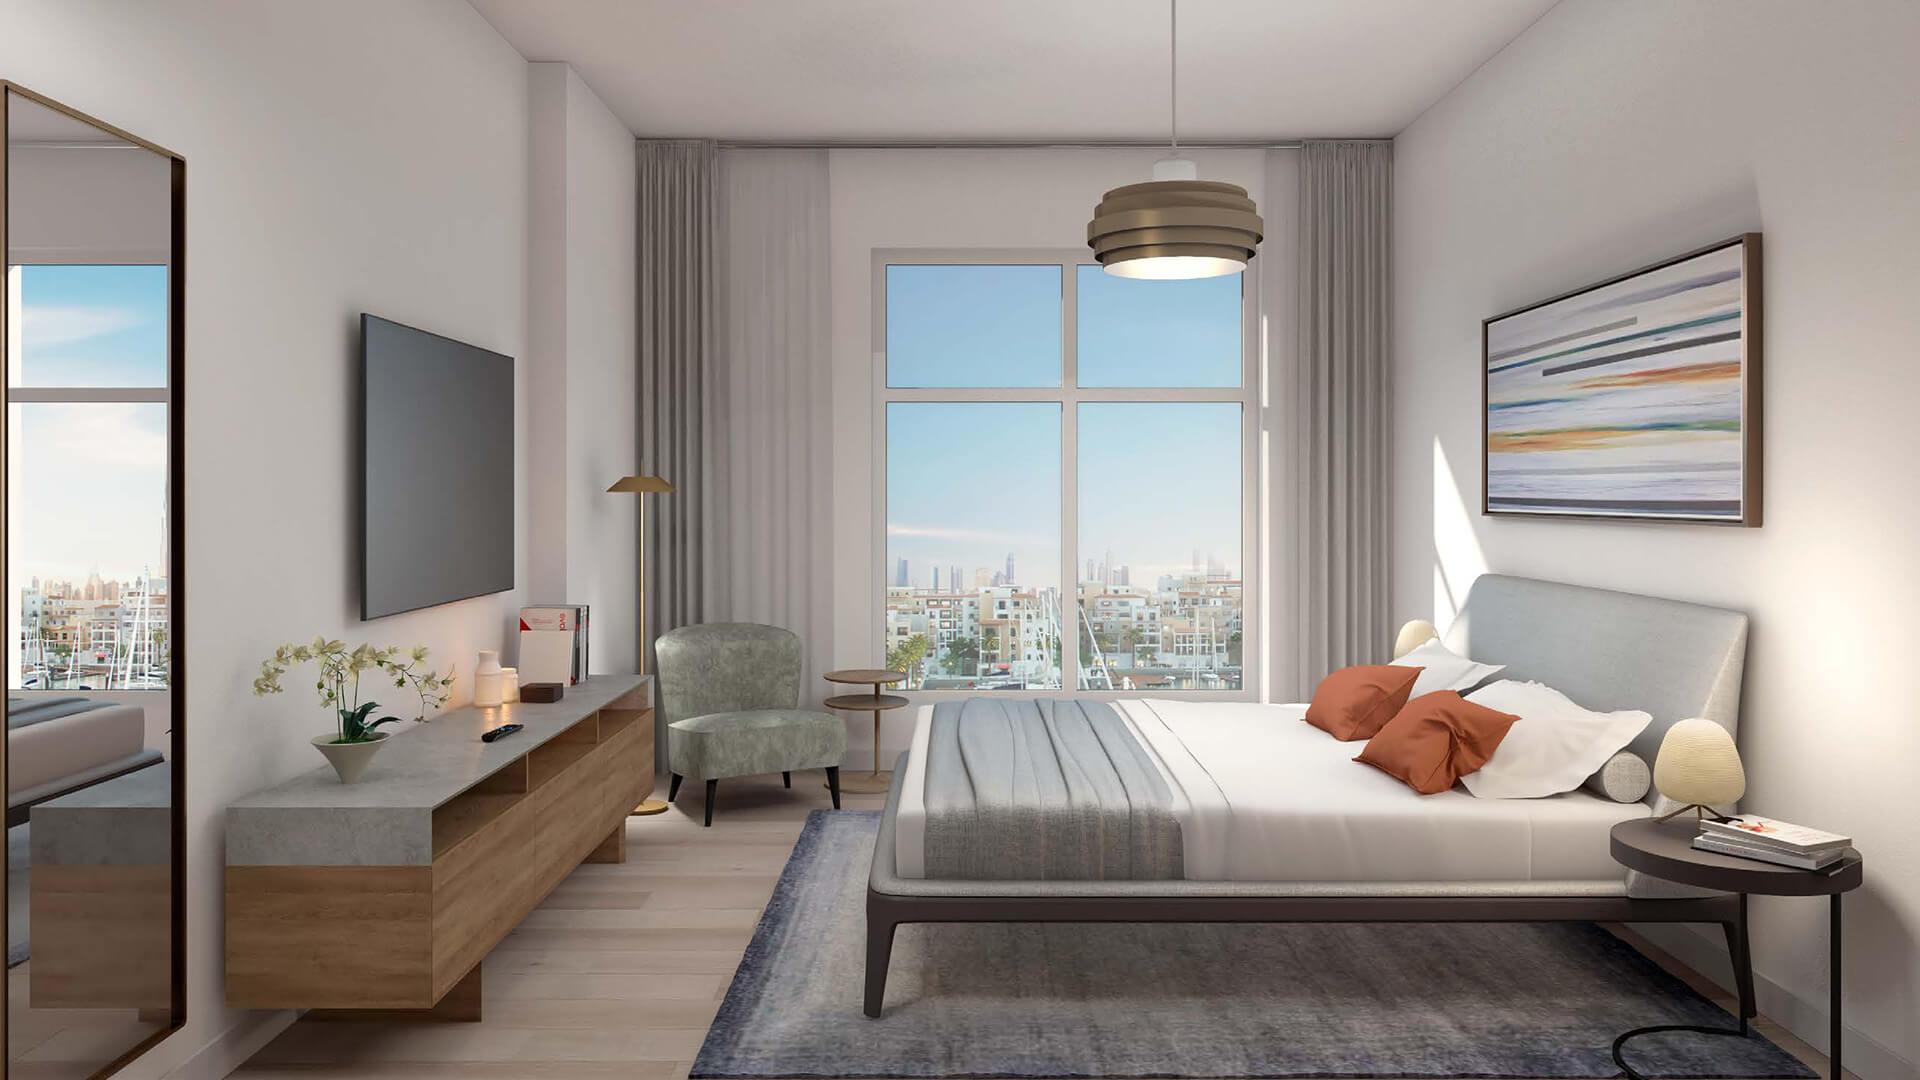 Apartment for sale in Dubai, UAE, 2 bedrooms, 112 m2, No. 23881 – photo 1